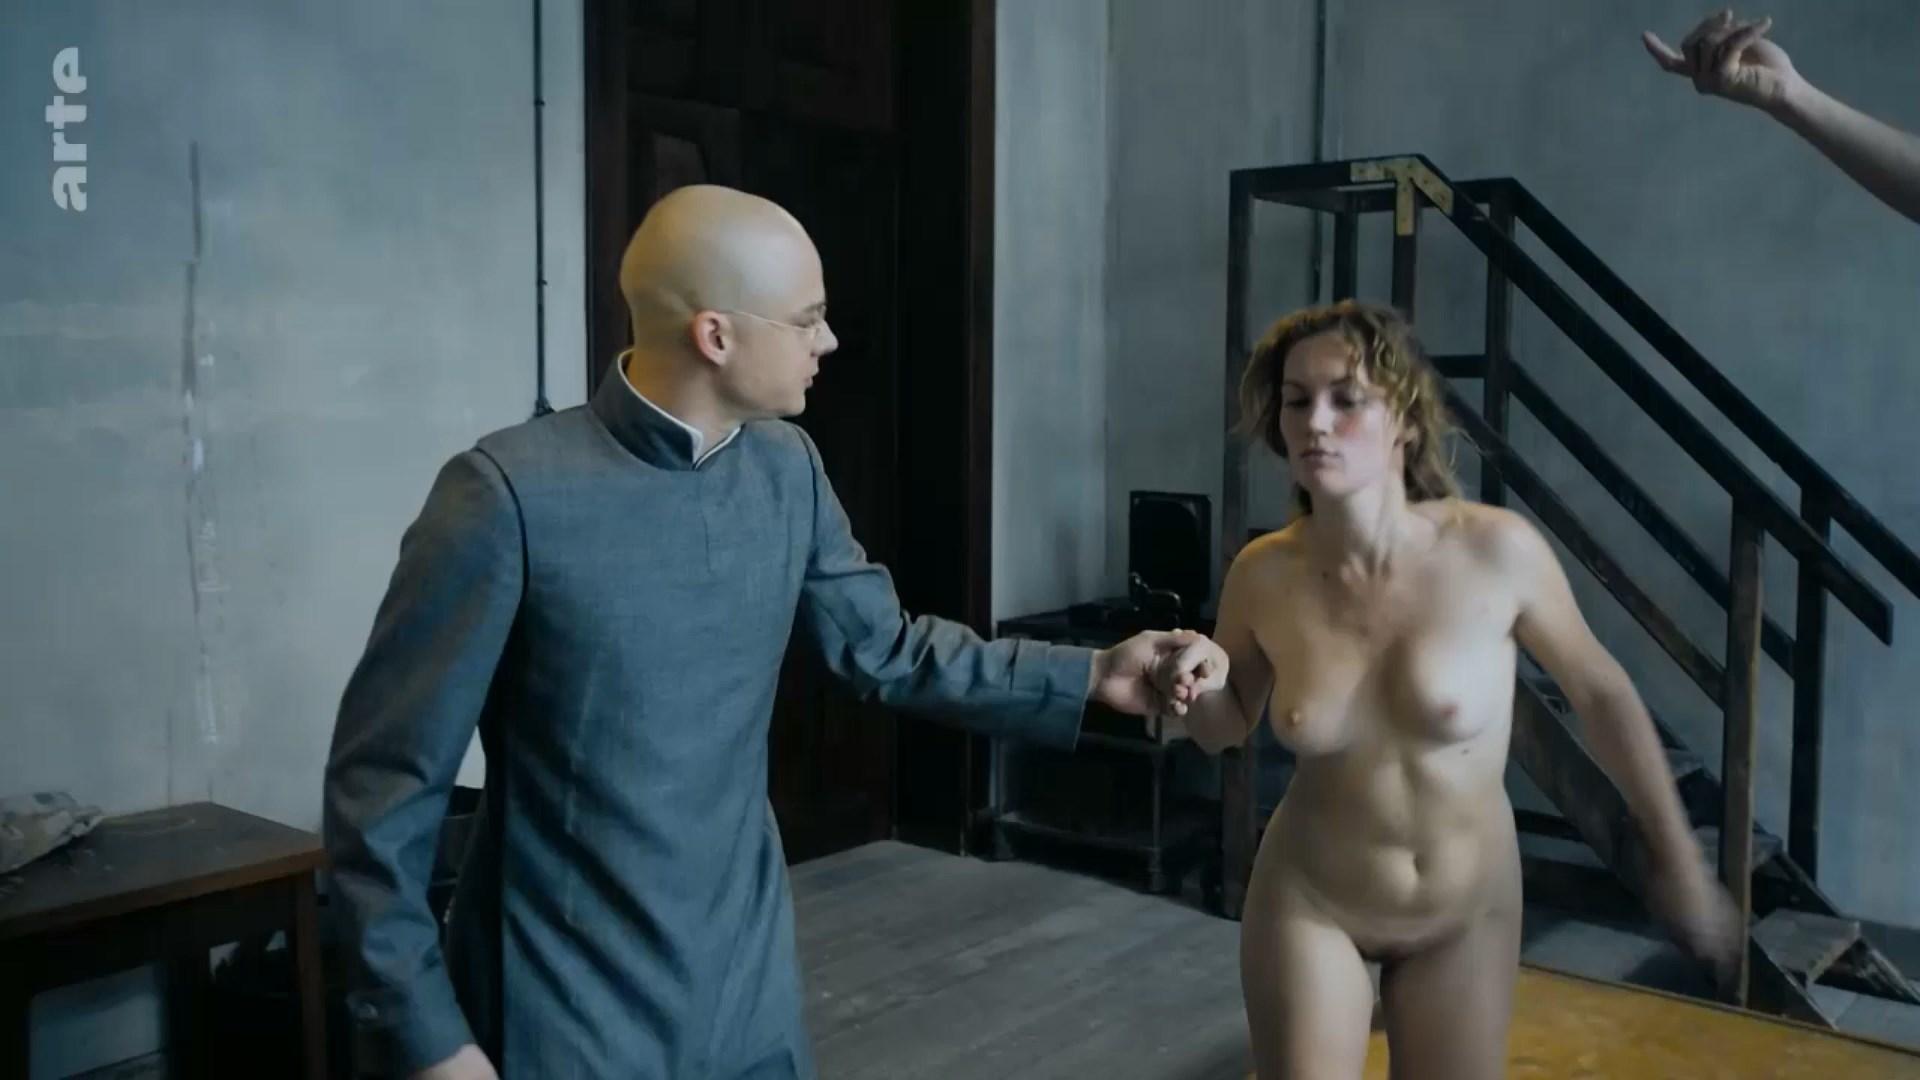 Anna nackt Mühe Maria Anna maria